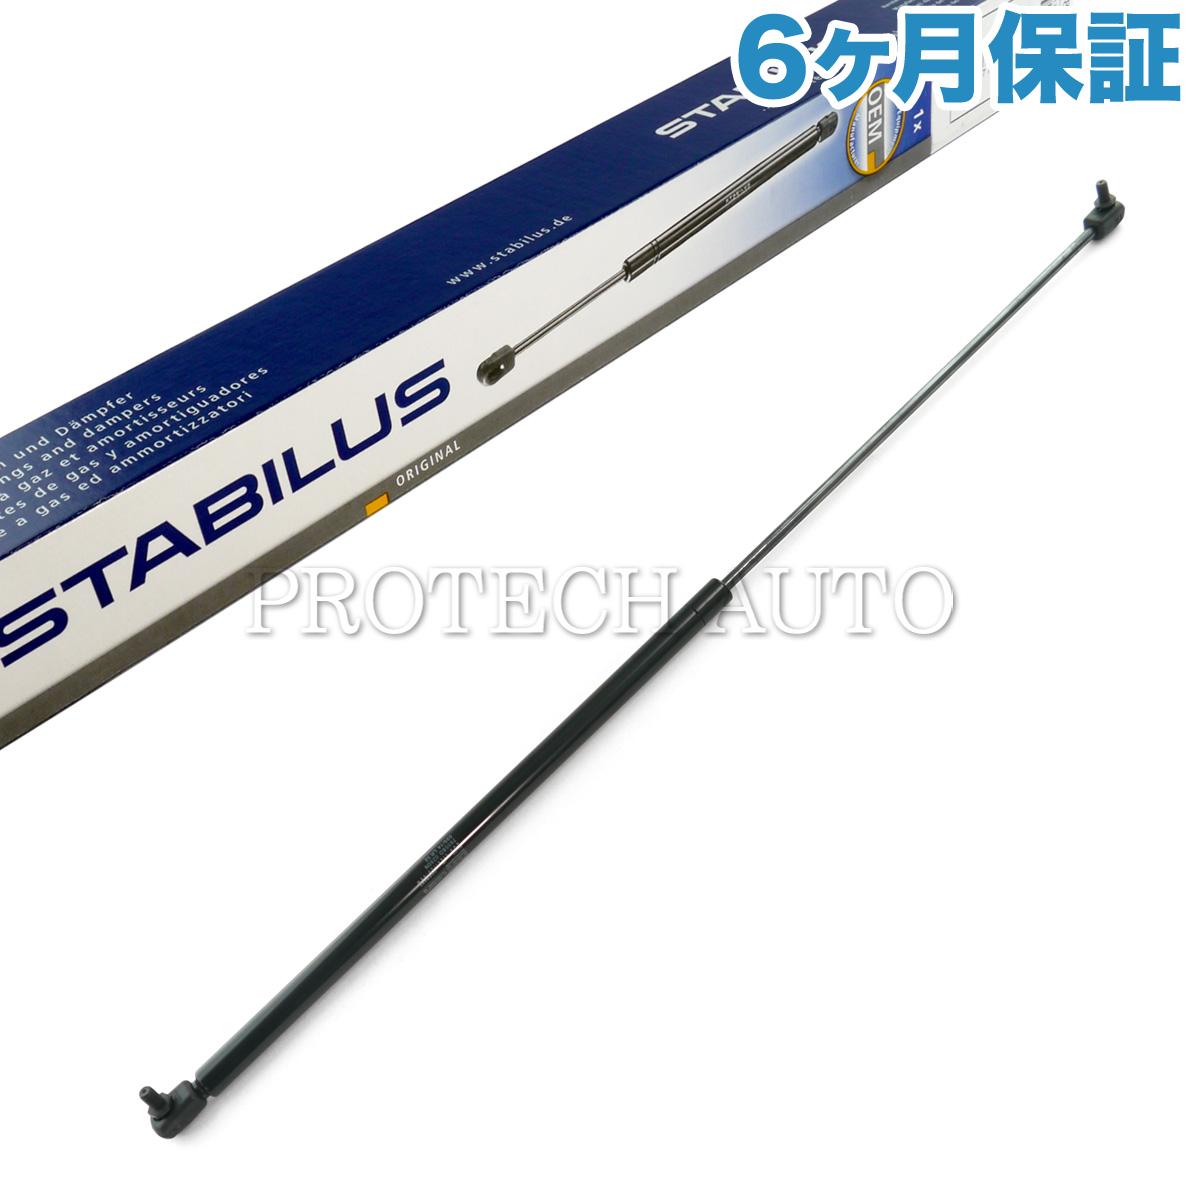 [6ヶ月保証] STABILUS製 ベンツ Gクラス W463 W461 ゲレンデ ボンネットダンパー/エンジンフードダンパー/ガススプリング 1本 0009808164 0019807064 7835BD【あす楽対応】